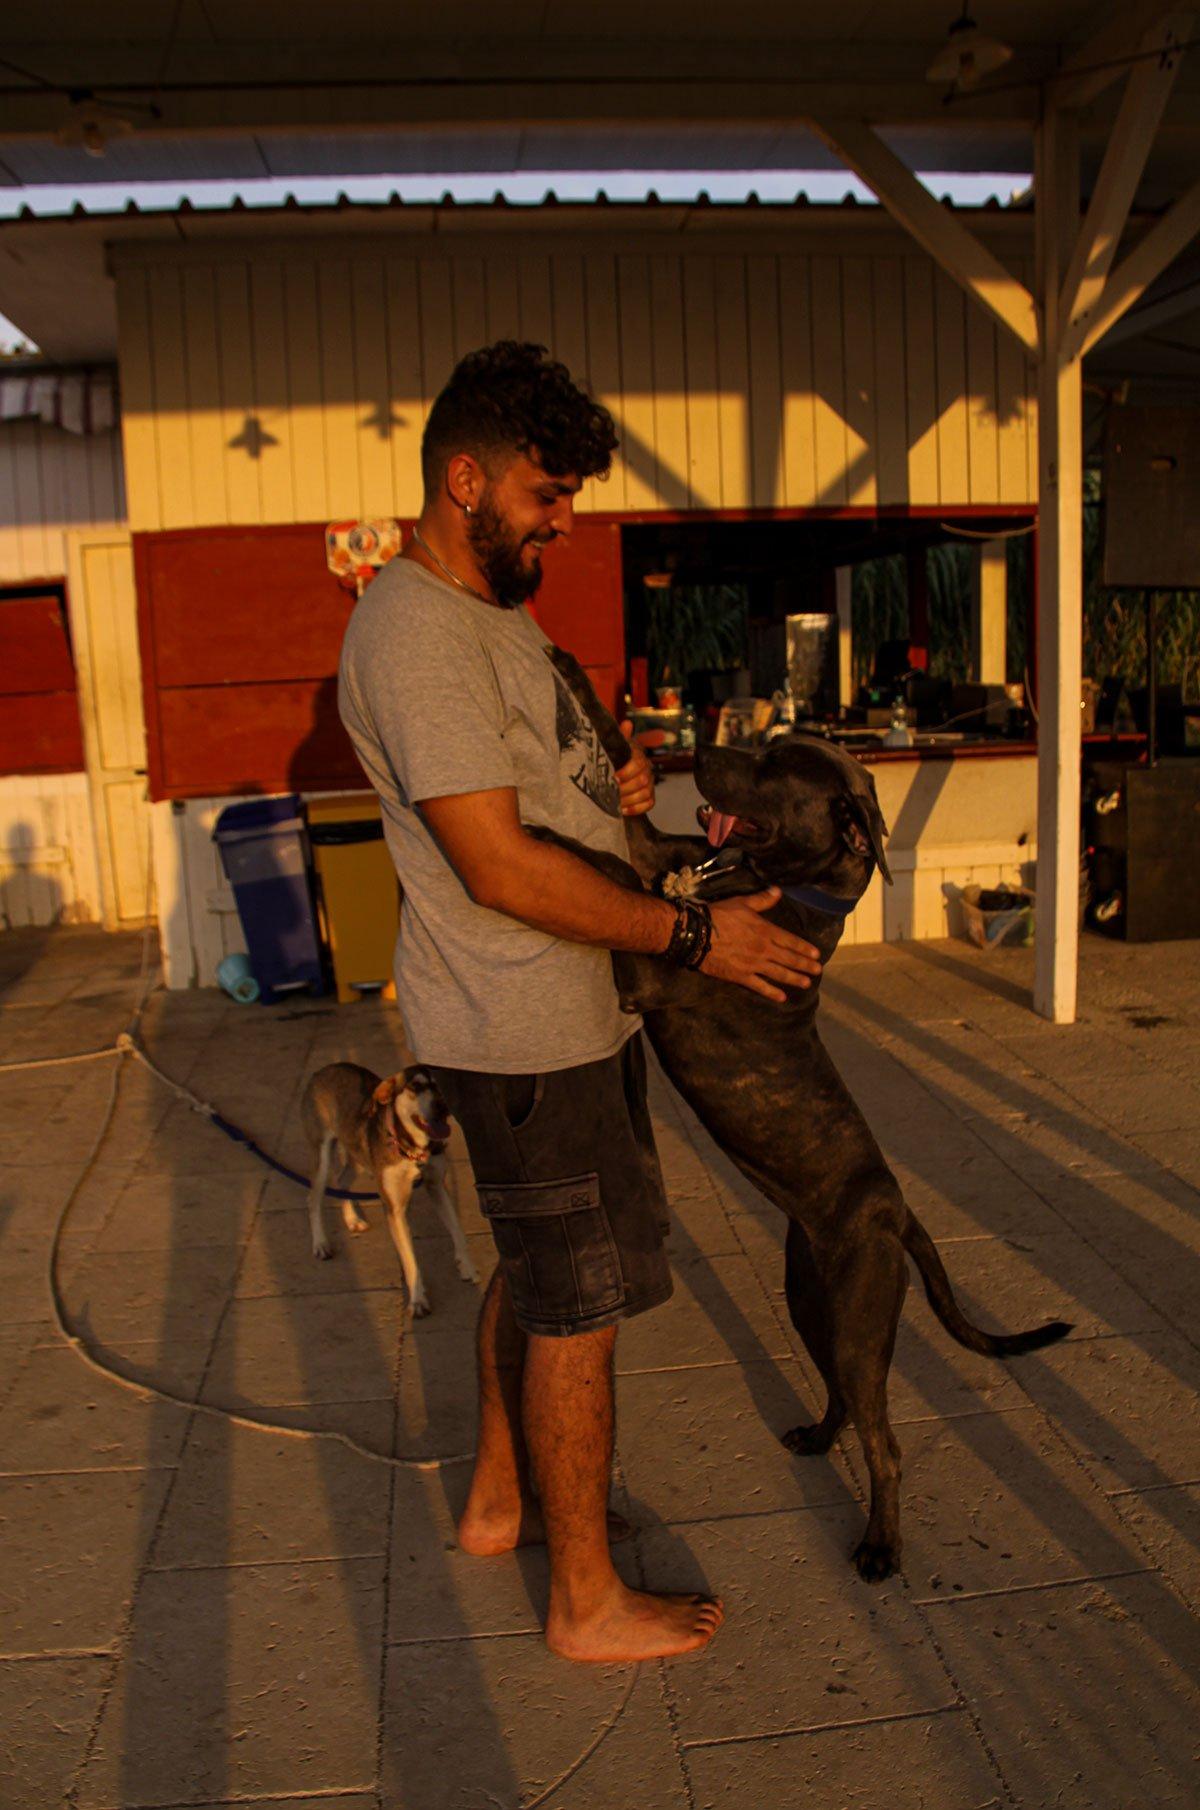 Daniele con cane